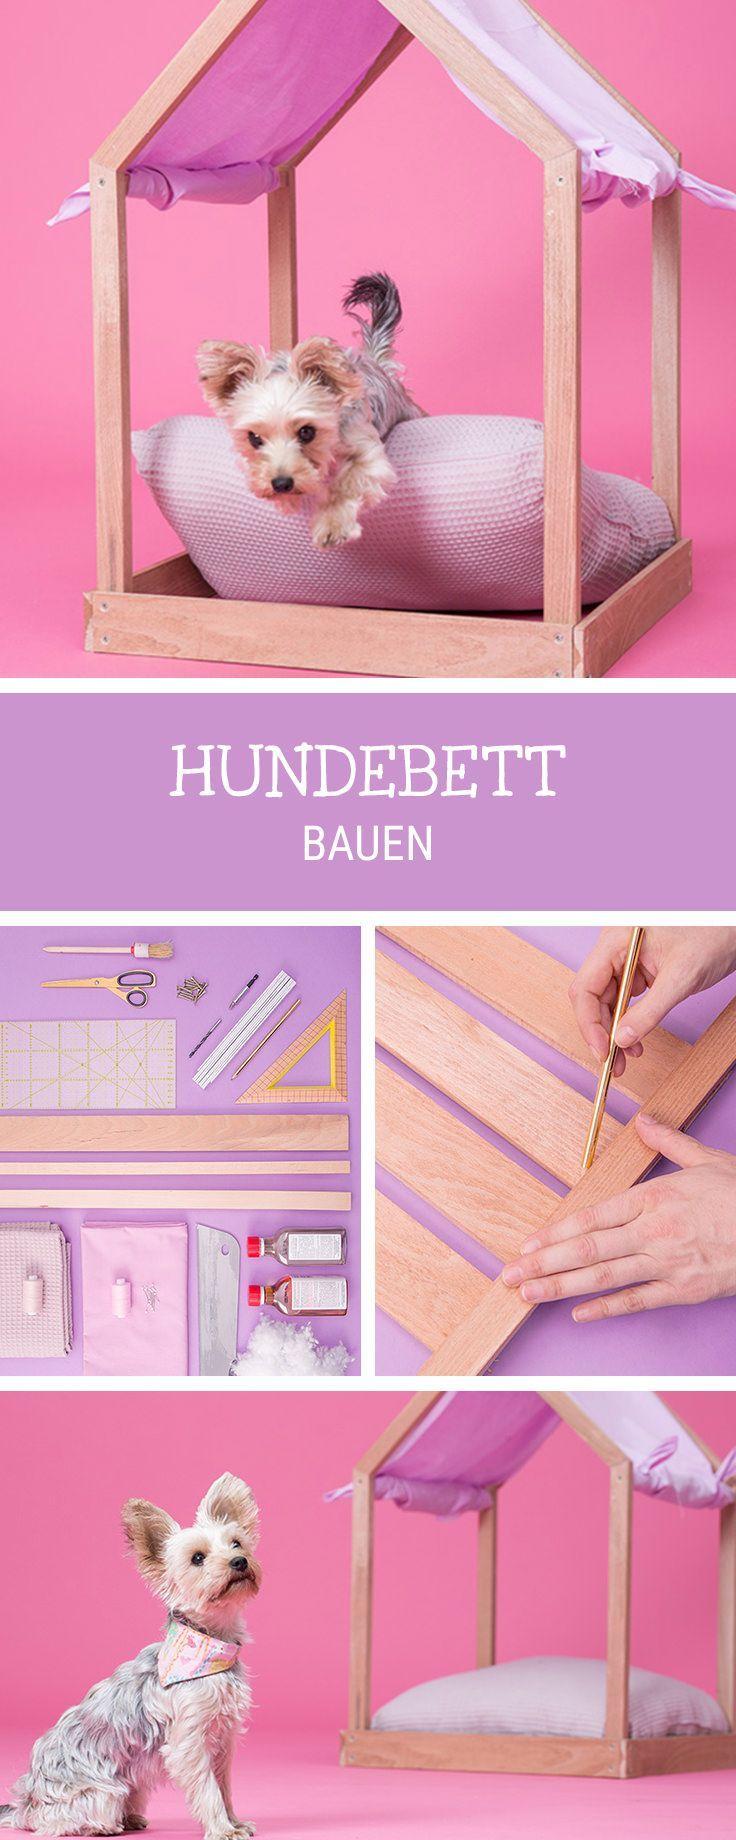 diy anleitung f r ein hundehaus im himmelbett design hundebett bauen diy for a wooden dog